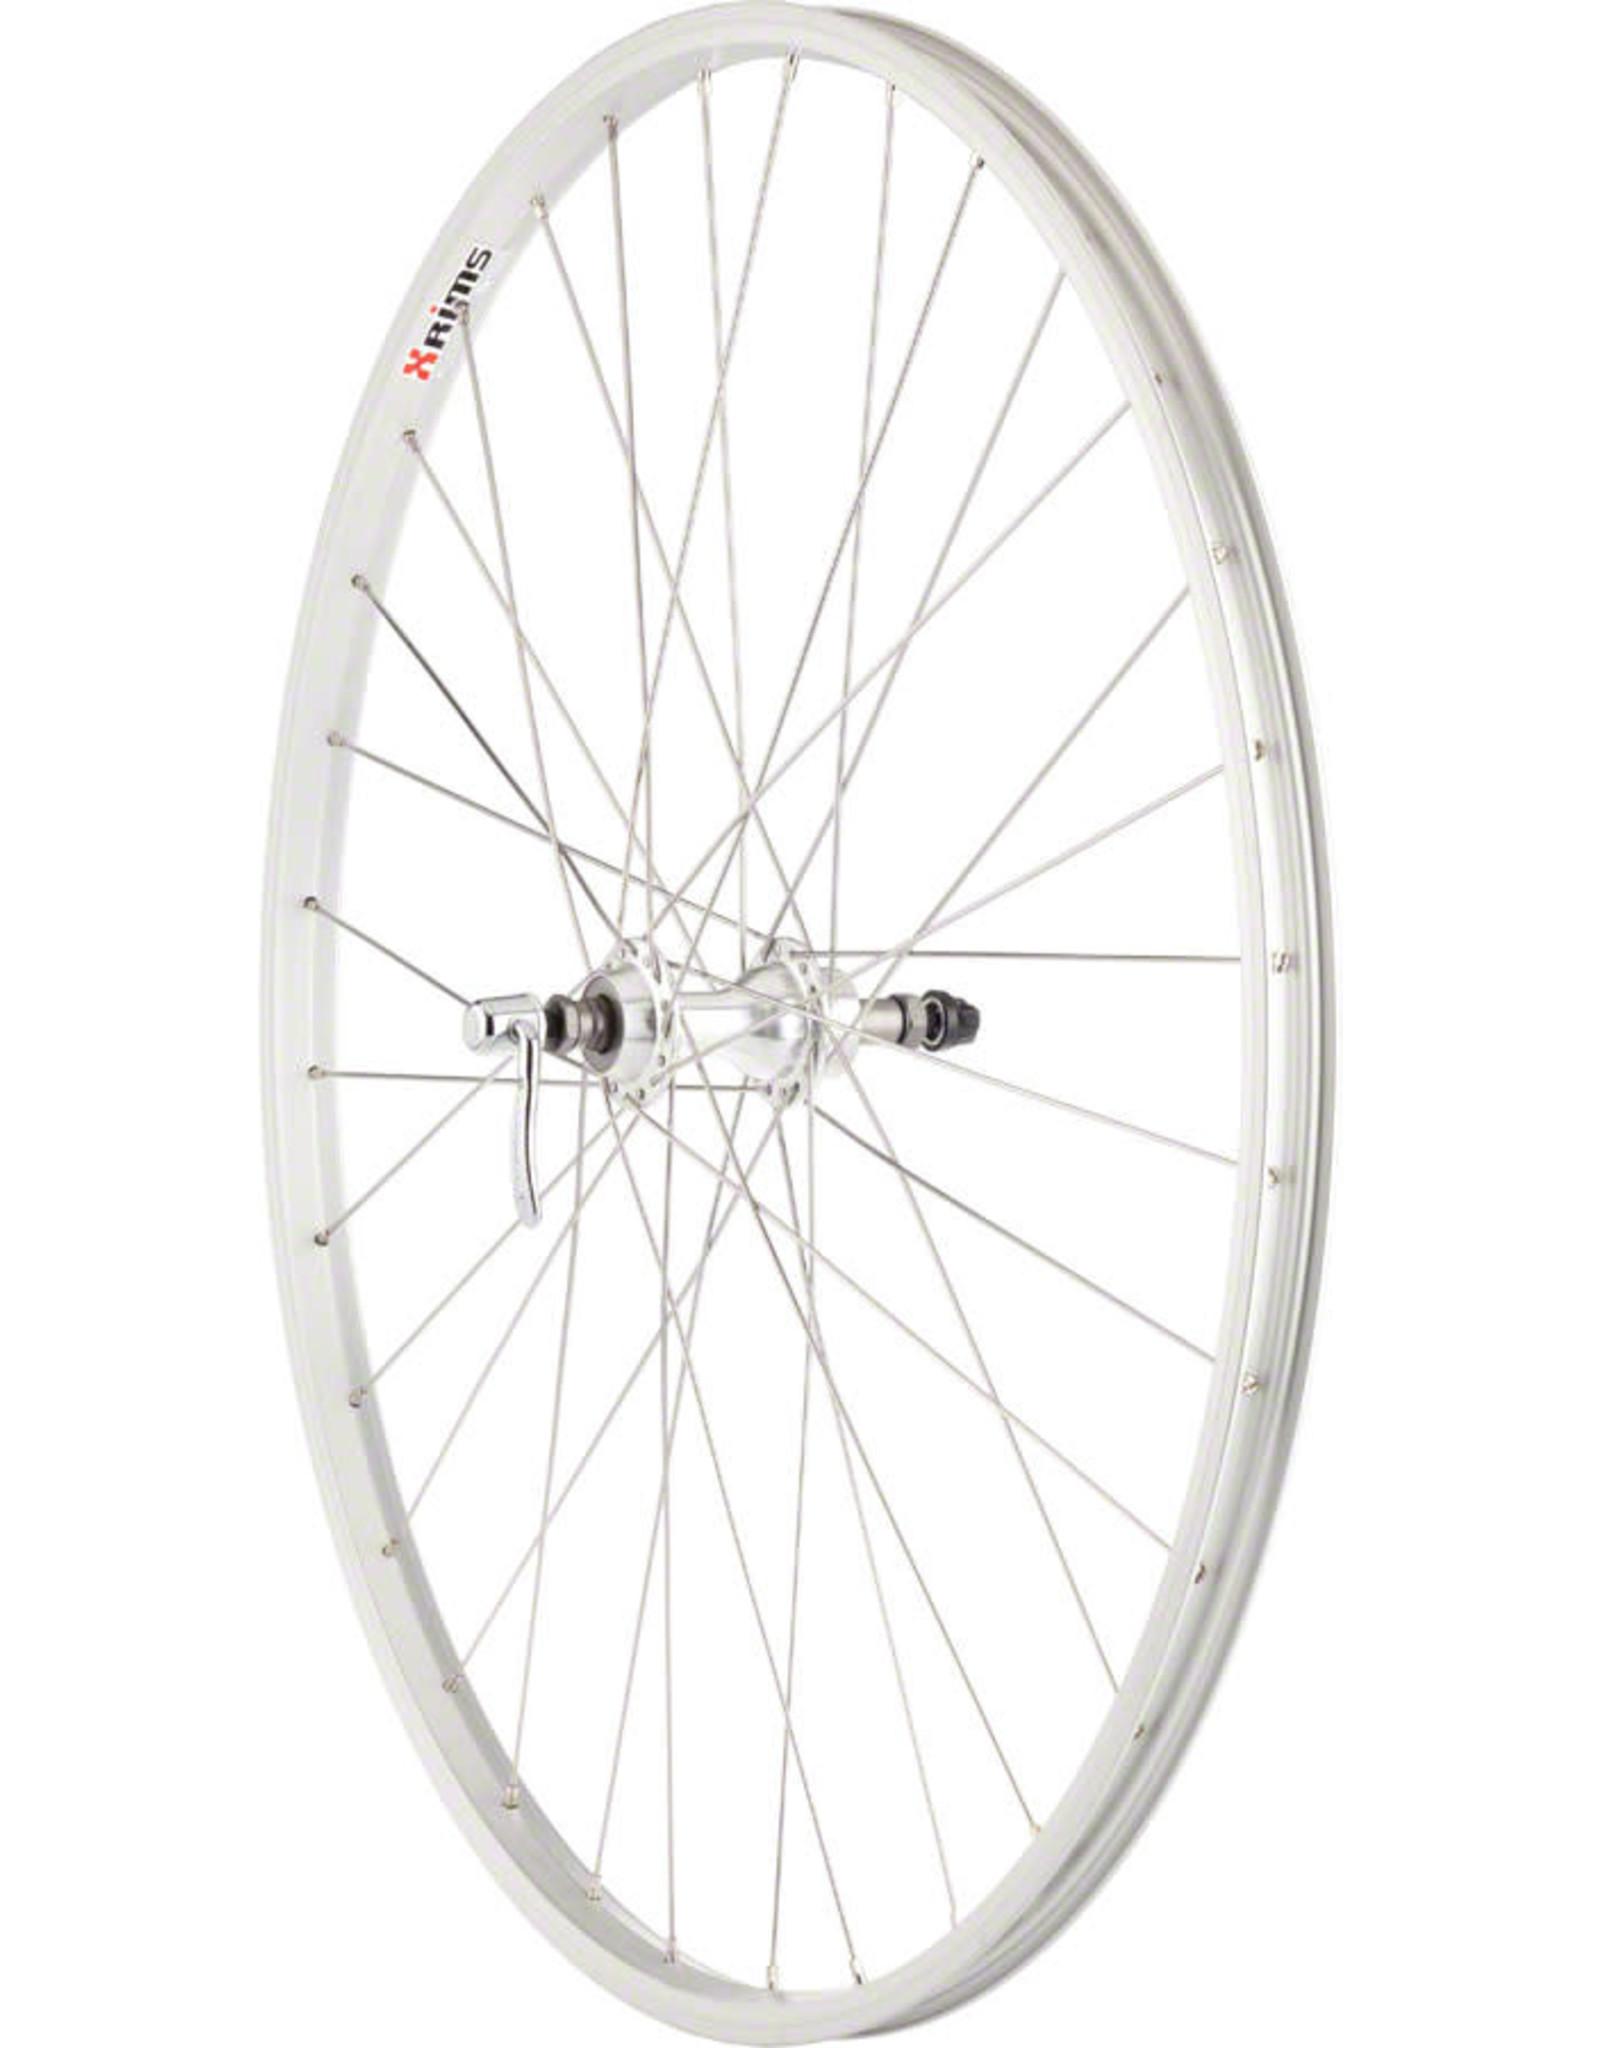 Dimension DMN Rear Wheel 700c Formula 130mm FW / Alex Y2000 SLV WE8675